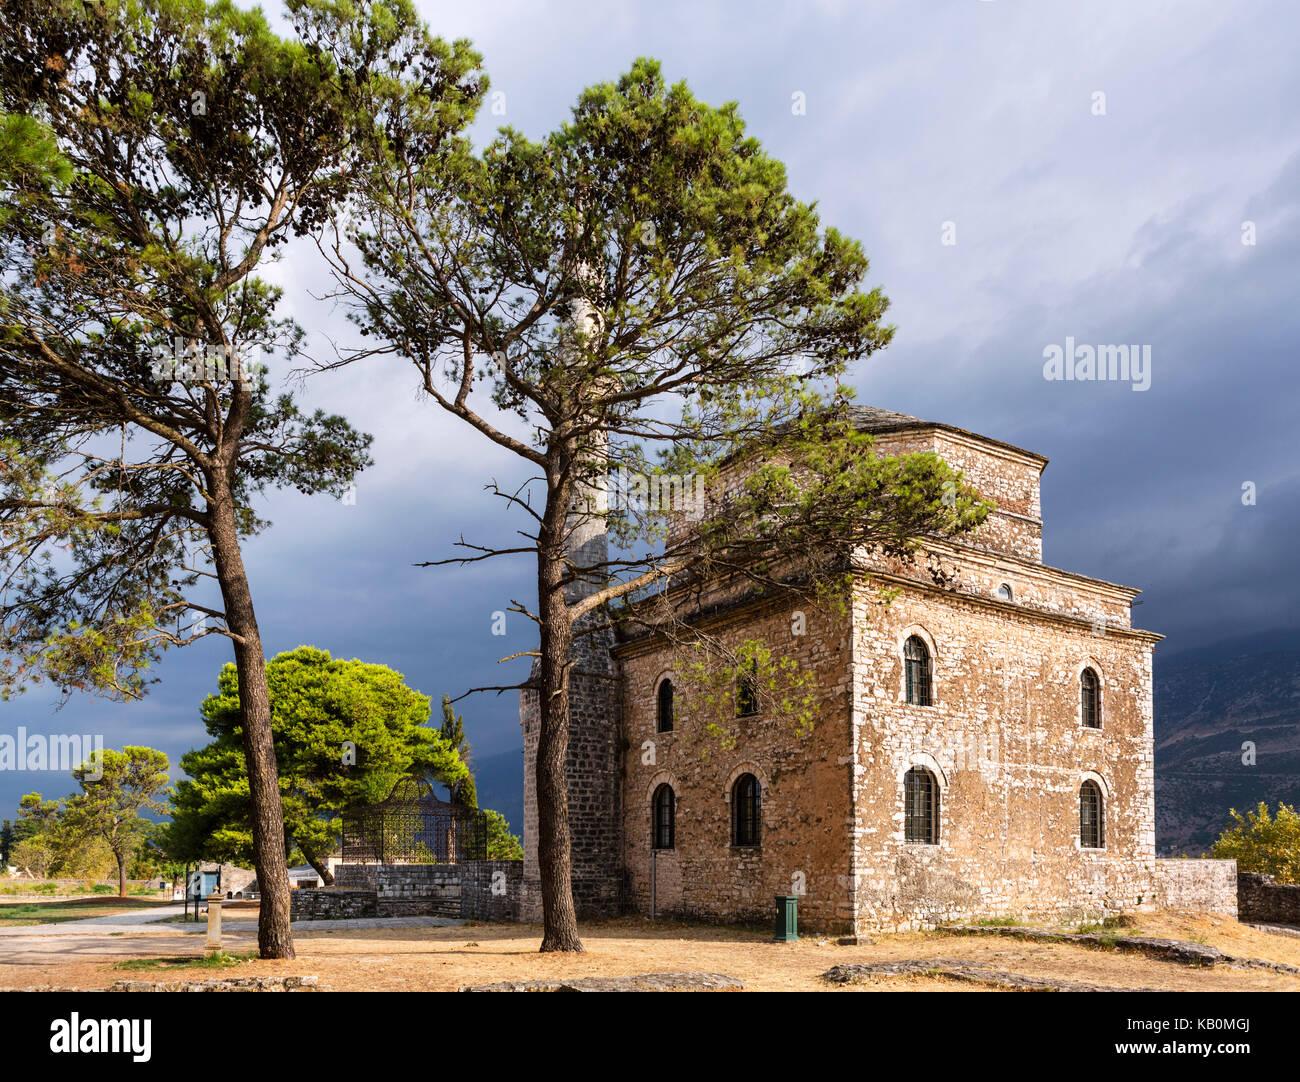 La moschea di Fethiye (Fetiyie Moschea) con la tomba di Ali Pasha a sinistra, Cittadella interna, Ioannina, Epiro, Immagini Stock